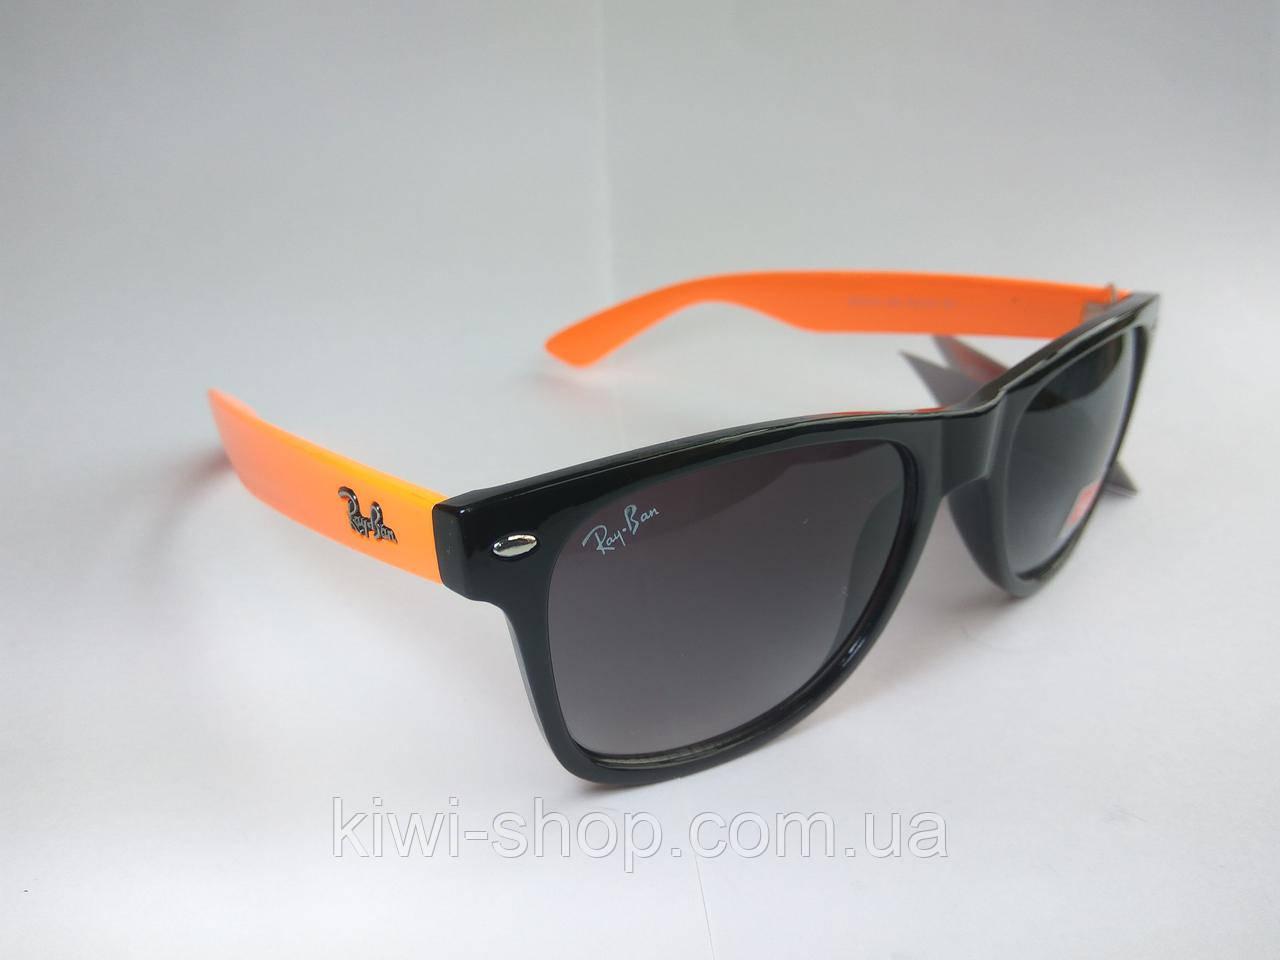 ... 702806d005c Солнцезащитные очки Ray Ban Wayfarer с оранжевыми дужками - Интернет  магазин ... dc2066976ff24